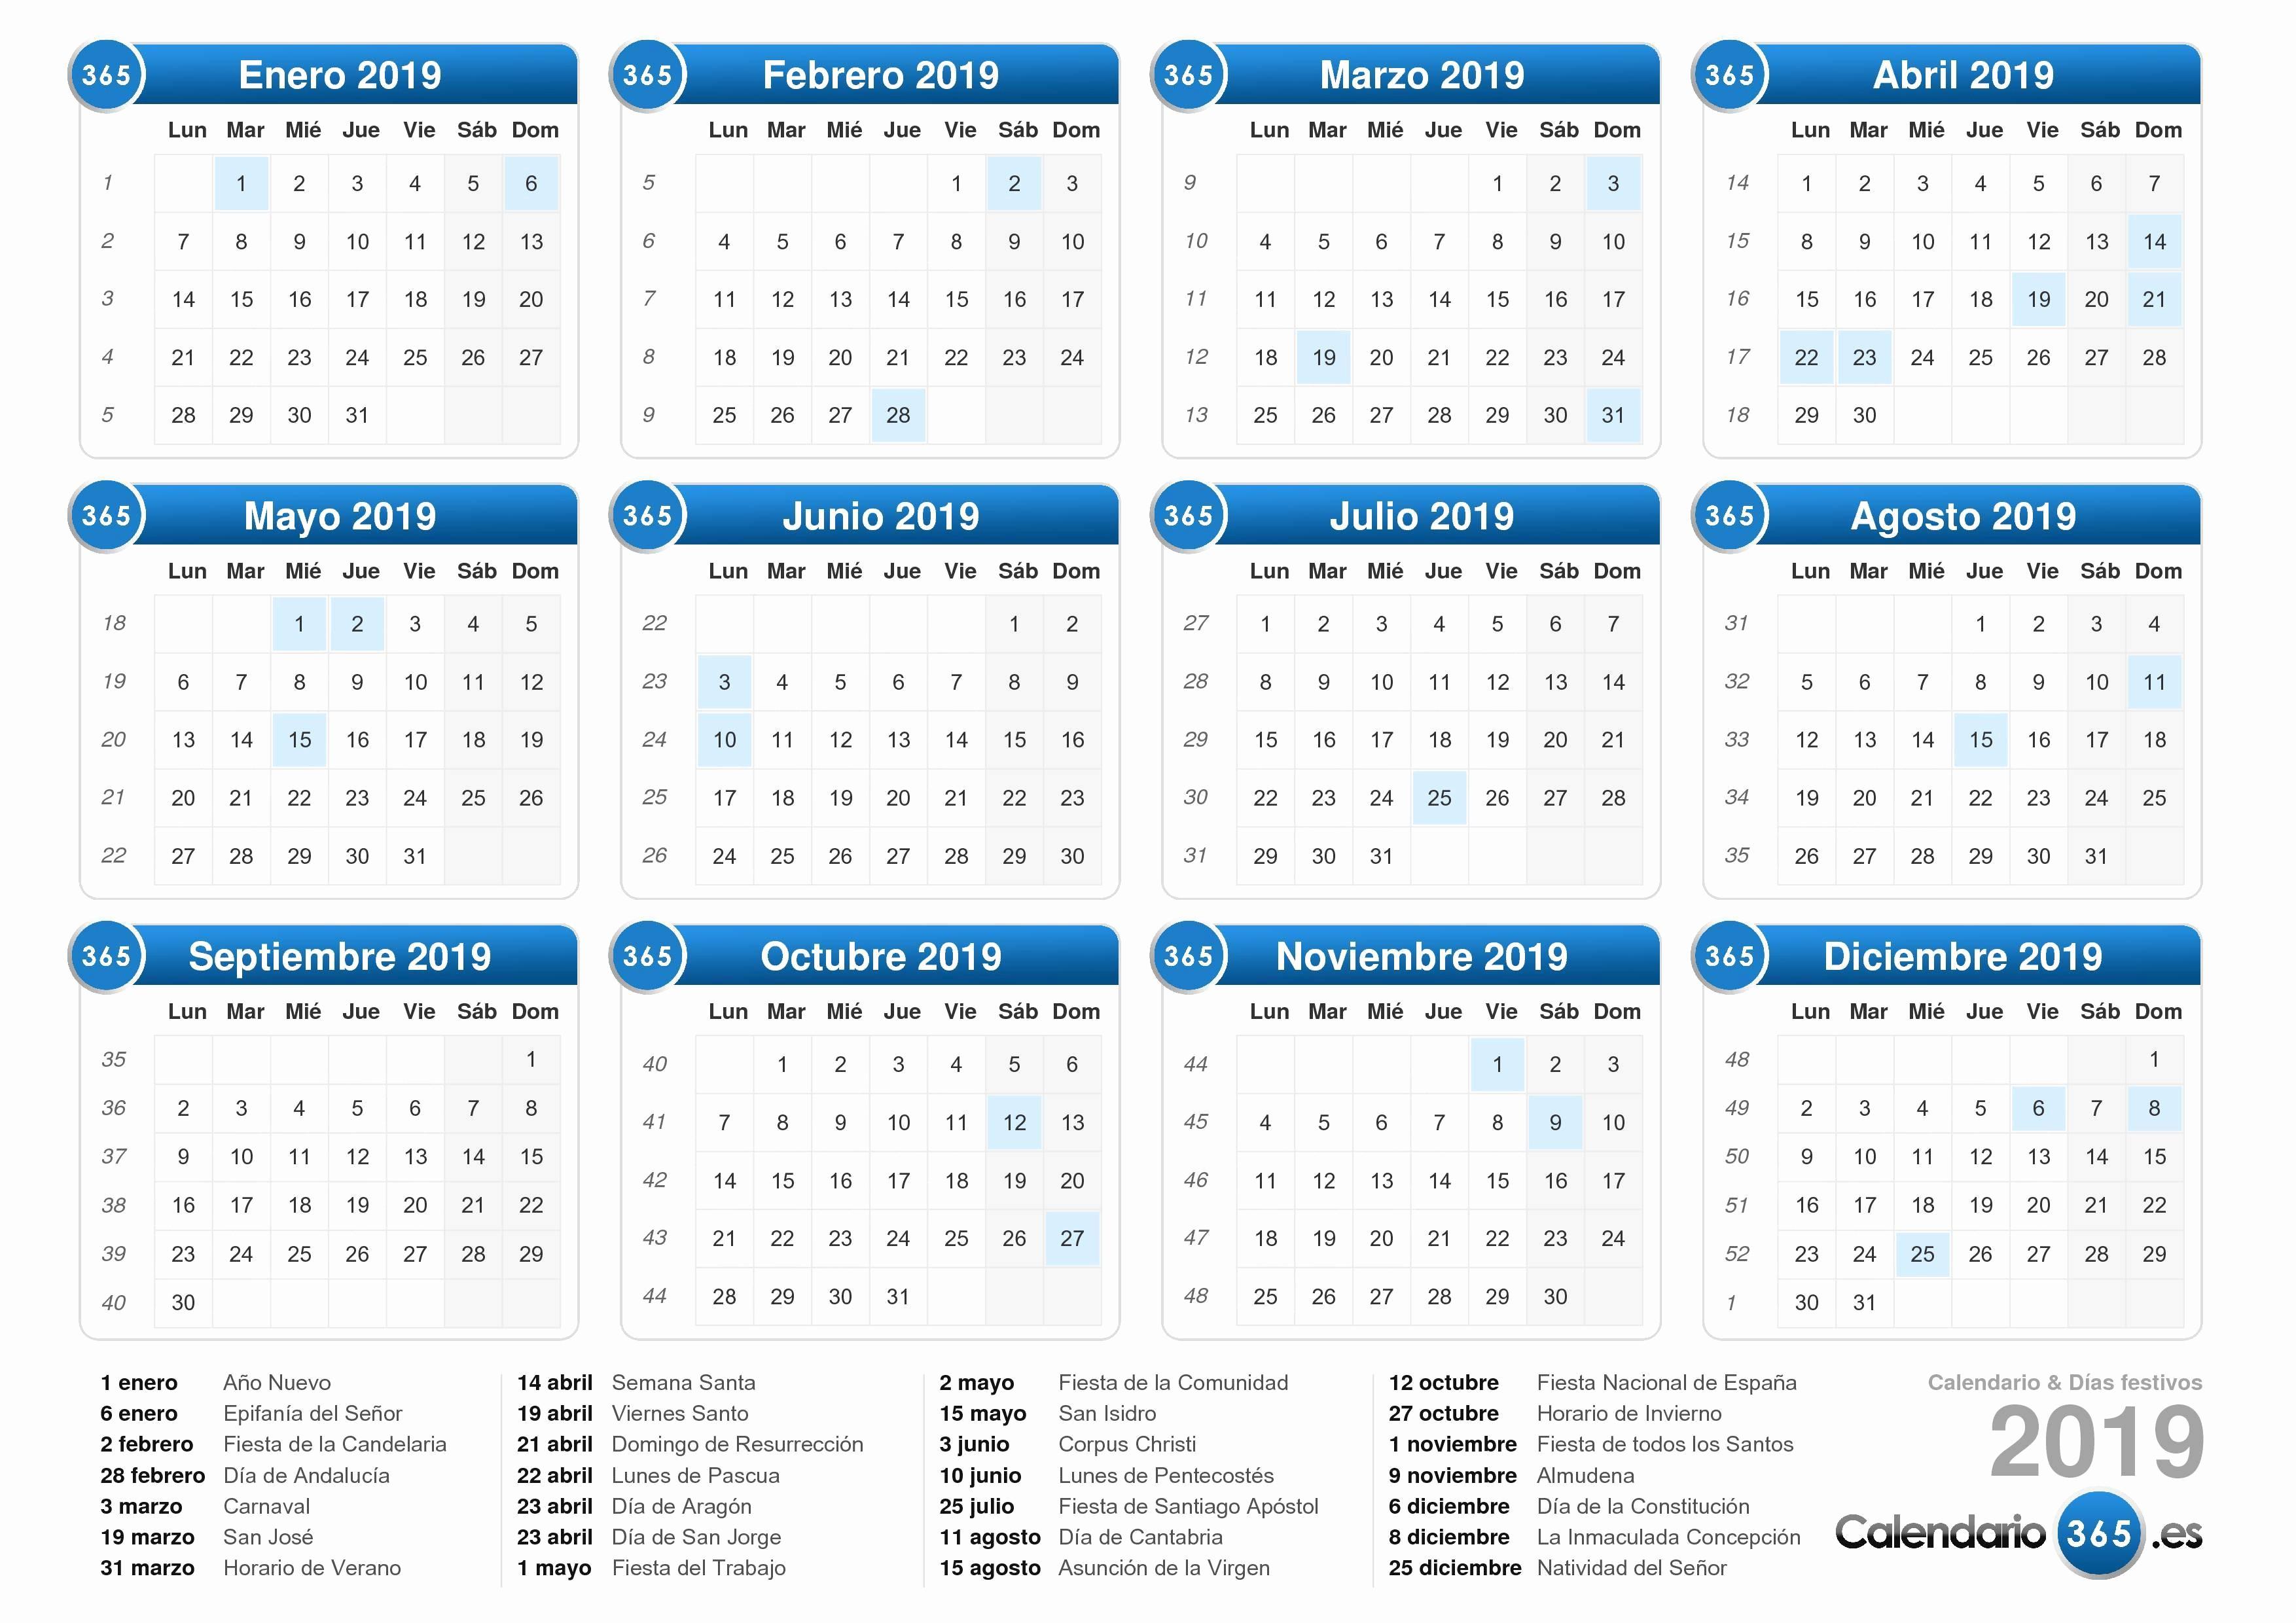 Imprimir Calendario Laboral Madrid 2019 Más Reciente Beautiful 43 Dise±o 13 De Octubre De 2019 Of Imprimir Calendario Laboral Madrid 2019 Más Caliente El Mundo 06 04 2018